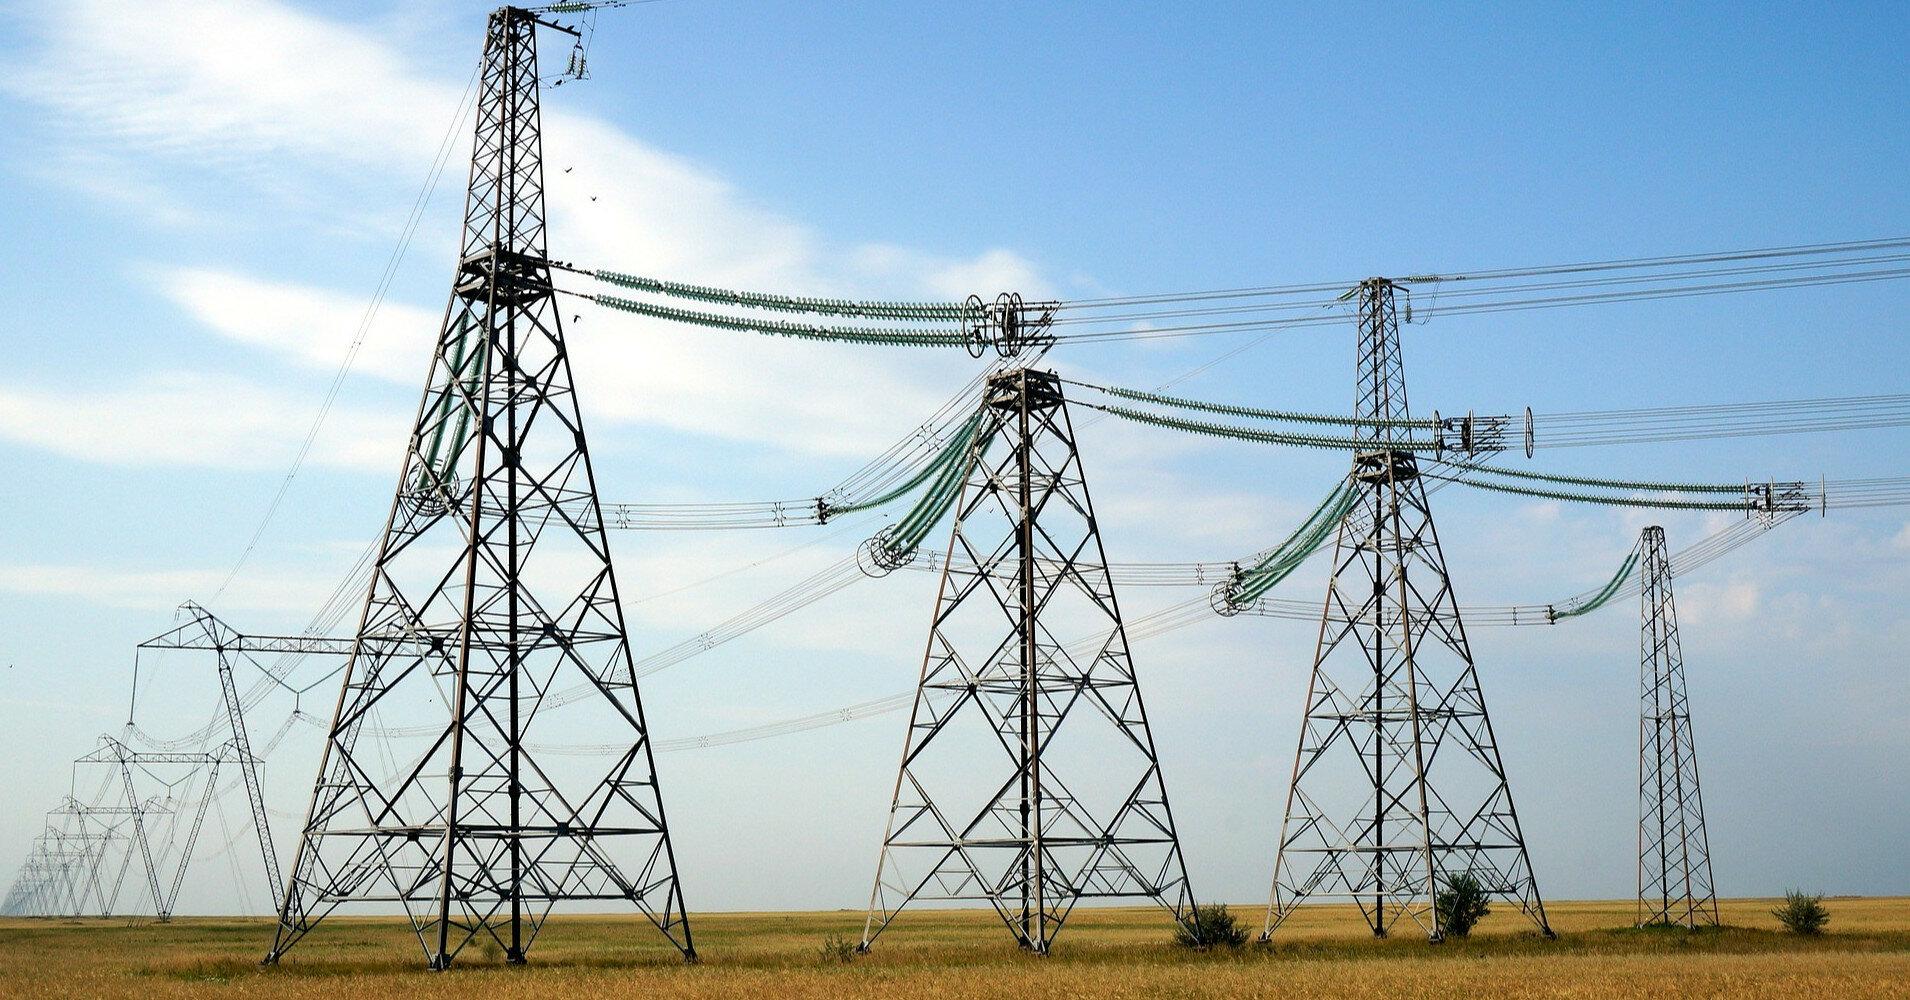 ДТЭК Ахметова оспорила ограничение внутригрупповых продаж электроэнергии